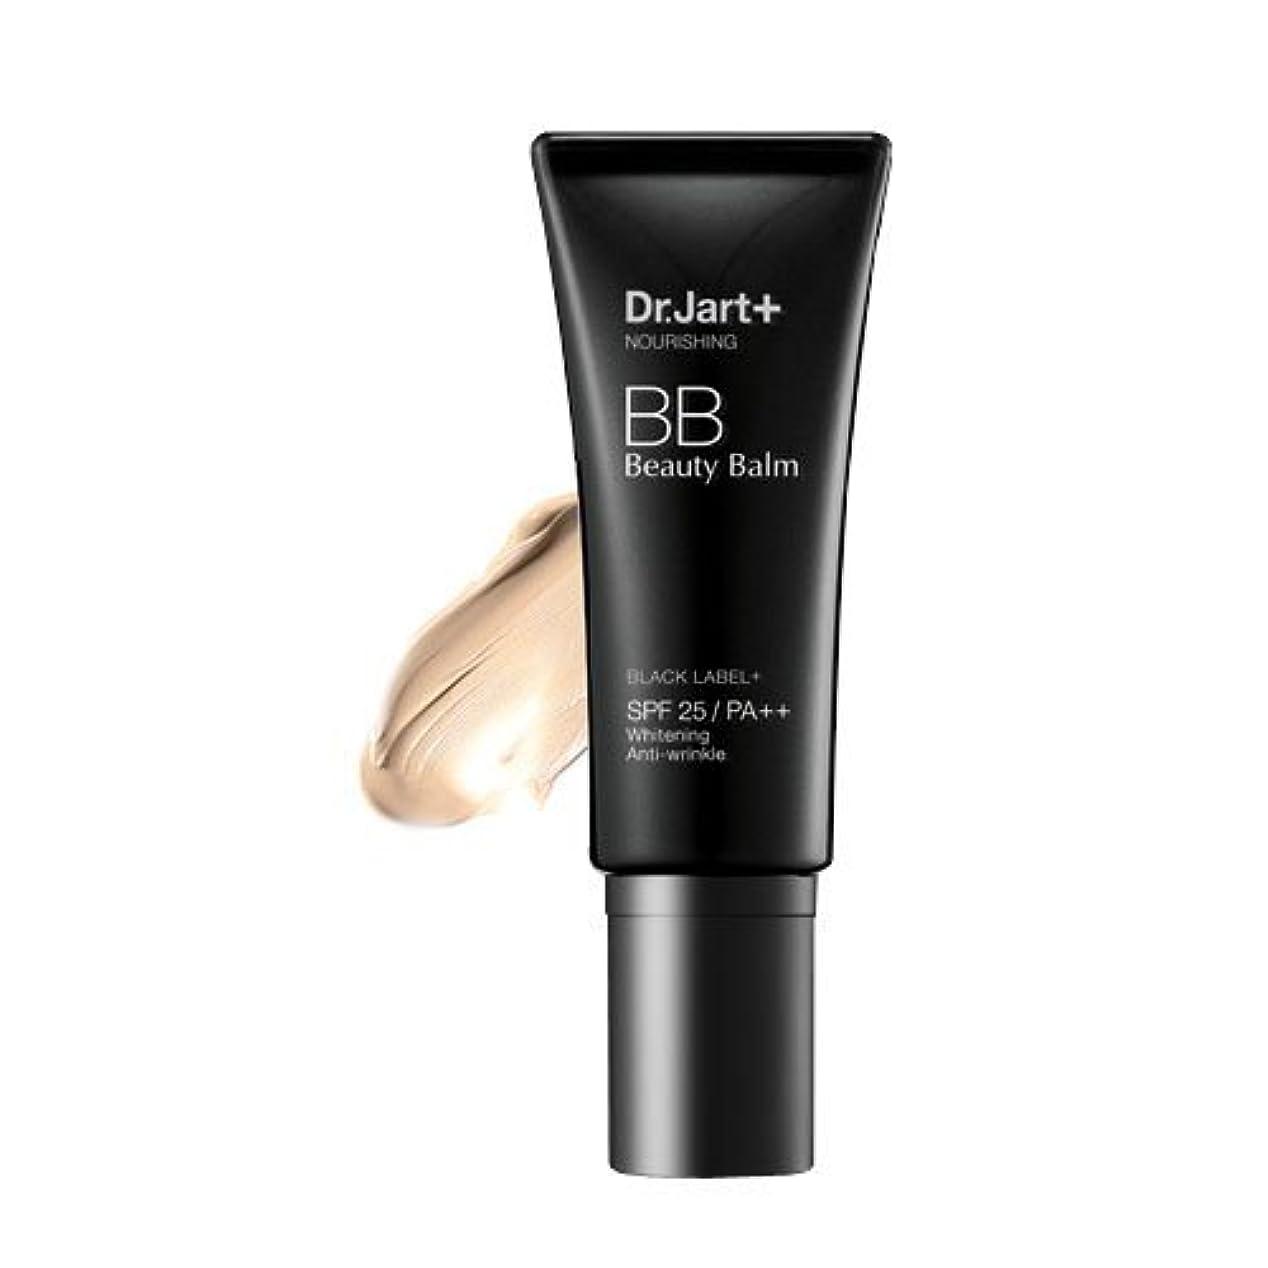 そんなにバスケットボールギャラリードクタージャルト ブラックラベル プラス BBクリーム SPF25PA+++ 40ml Dr.Jart NOURISHING BB Beauty Balm...